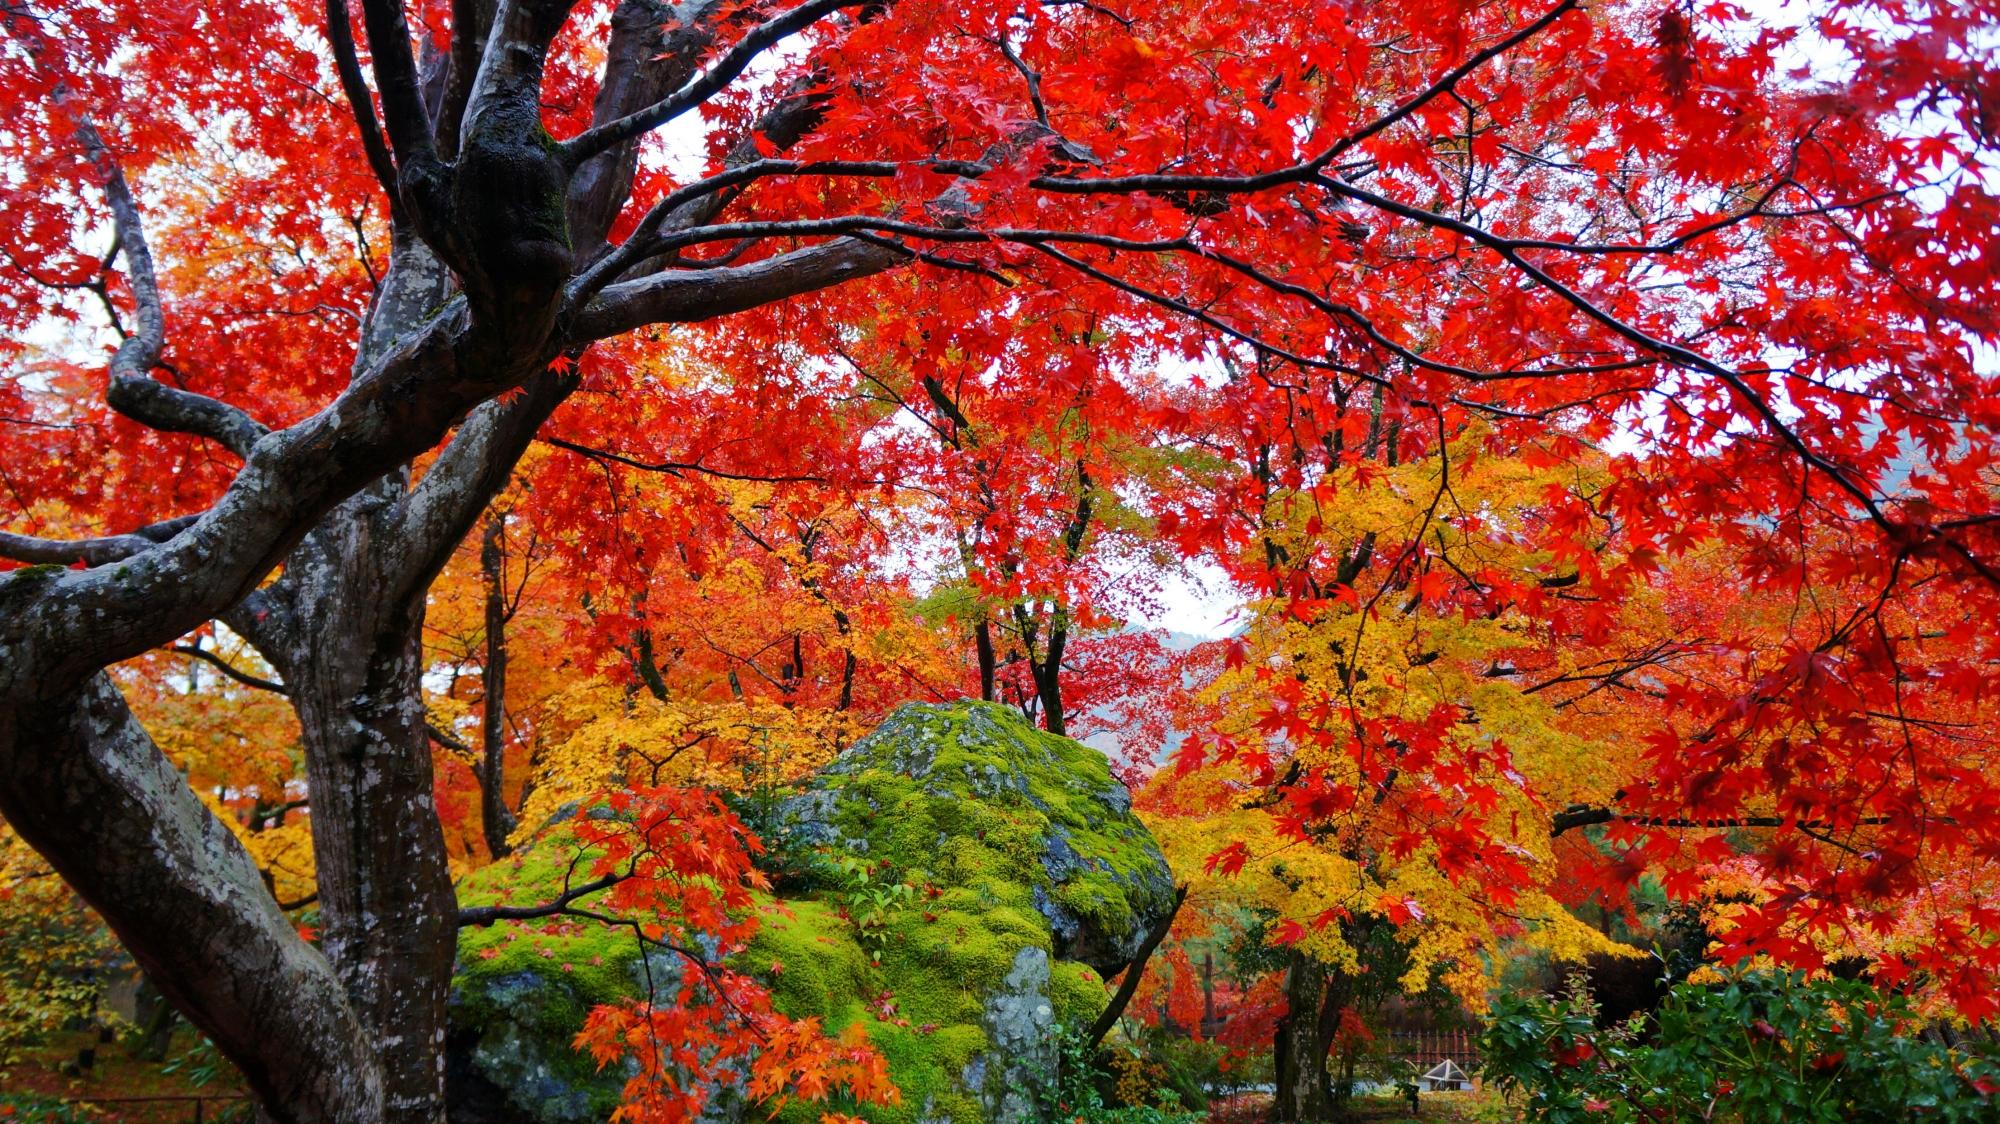 真っ赤な紅葉に覆われた獅子岩